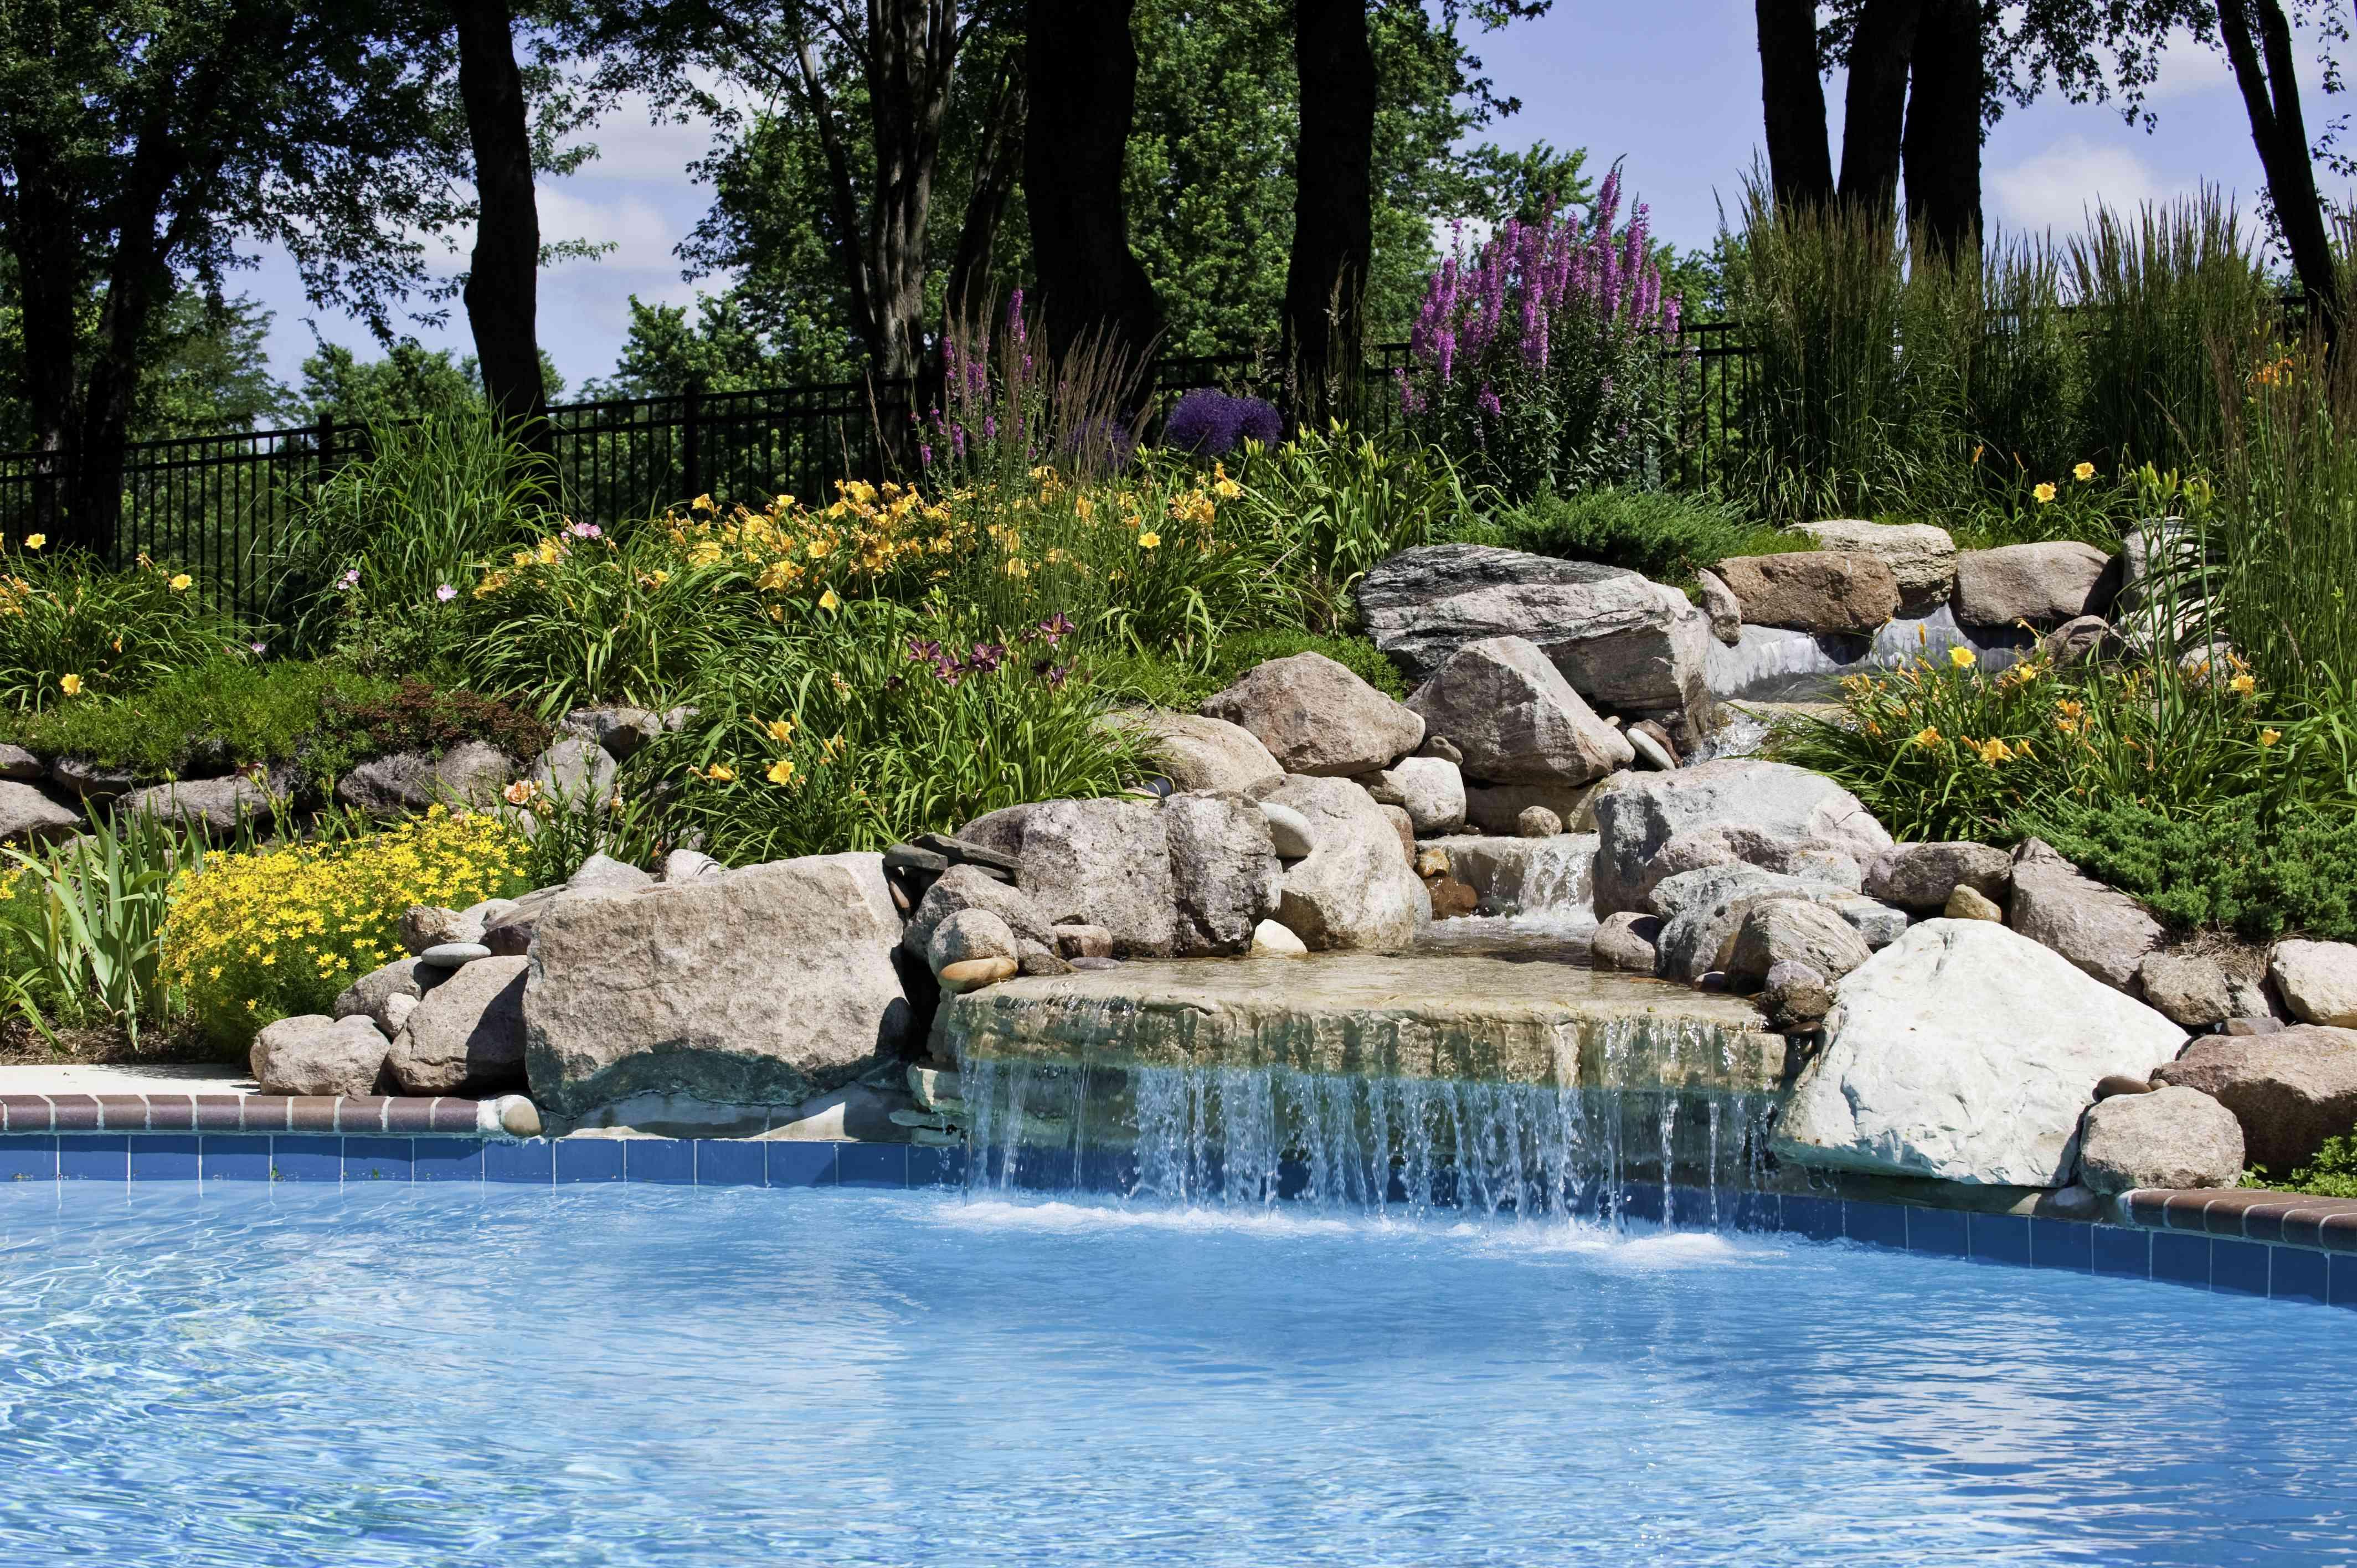 La hermosa piscina de una cascada con rocas